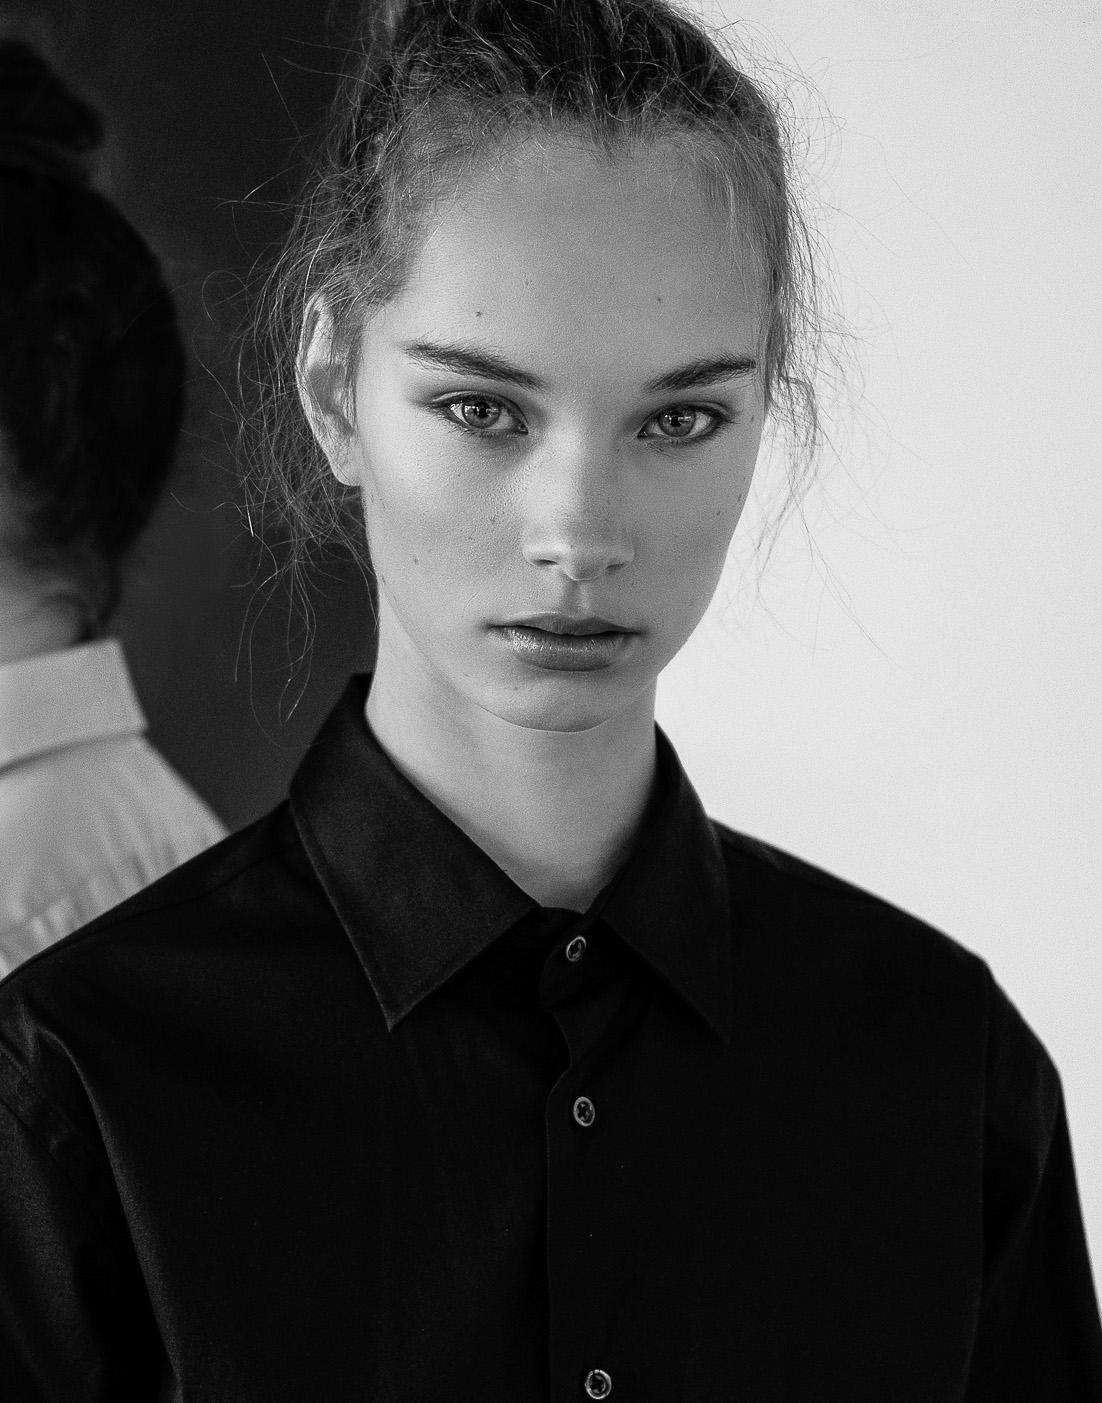 Sasha Kholkina 23